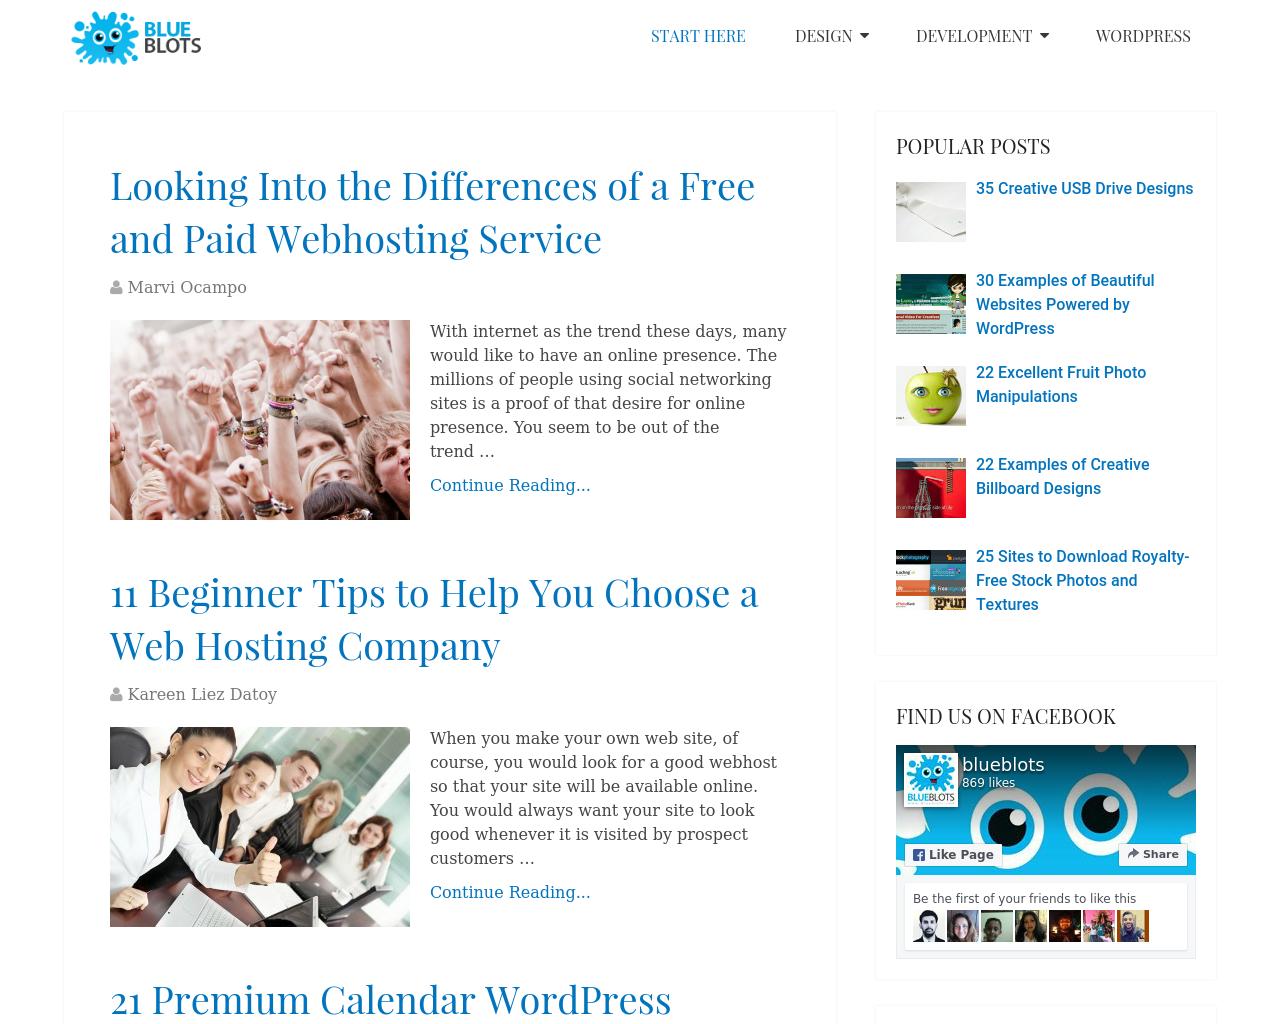 BlueBlots-Advertising-Reviews-Pricing